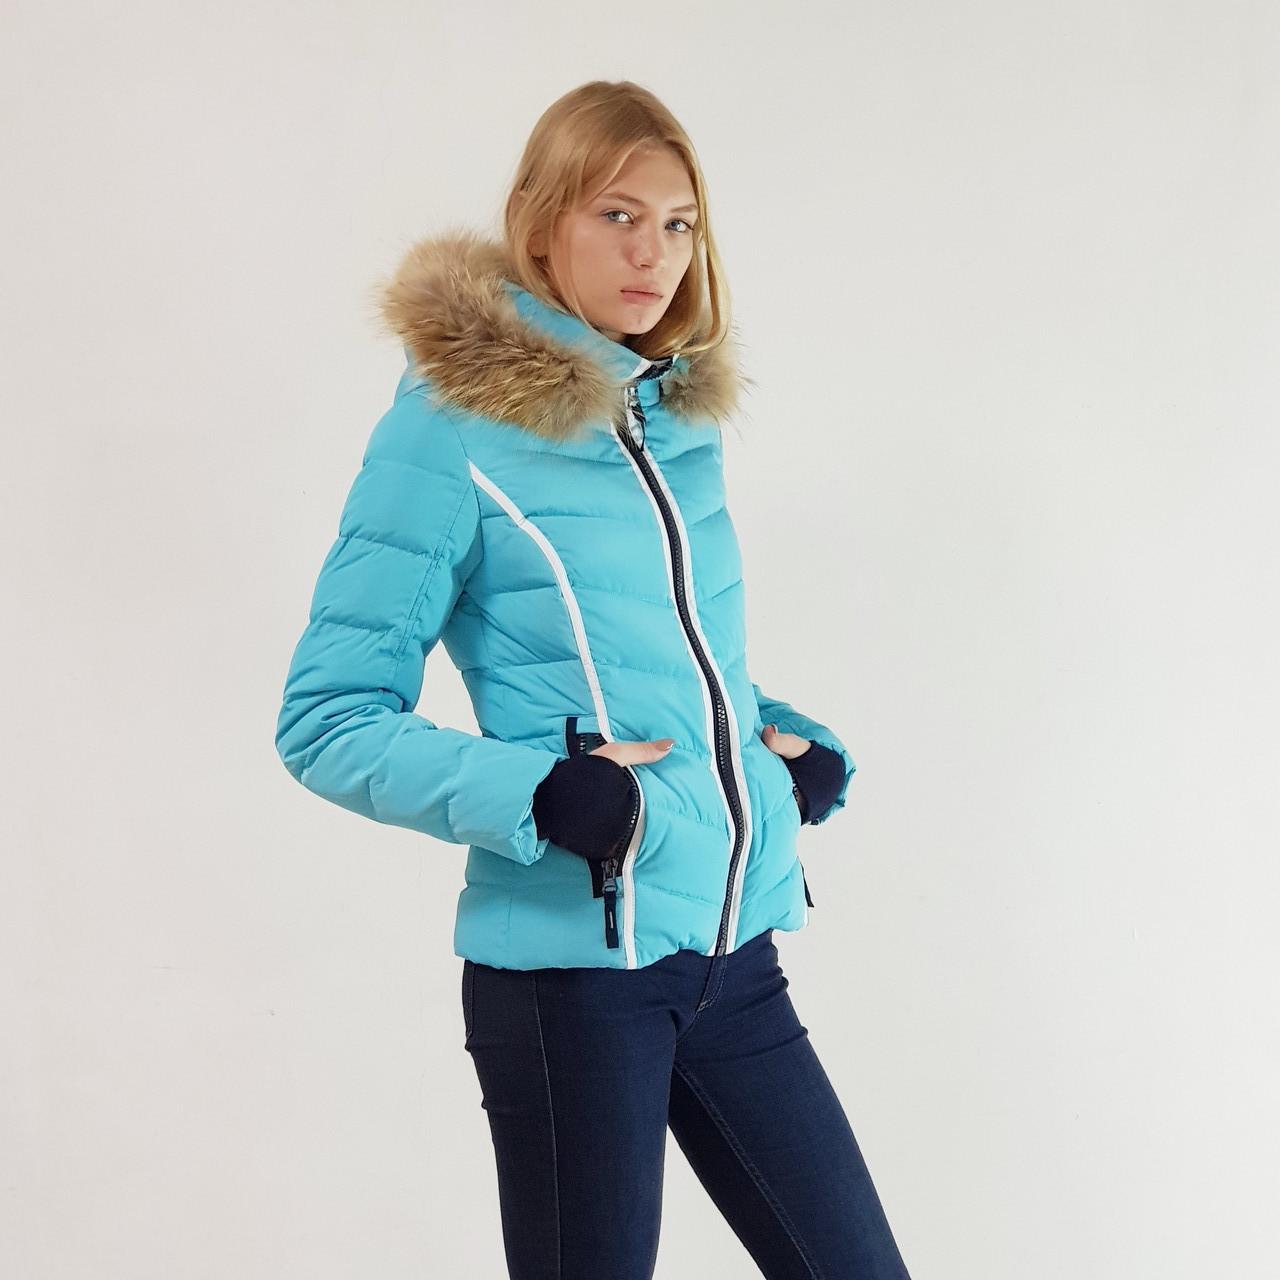 Куртка пуховик зимний короткий женский Snowimage с капюшоном и натуральным мехом 44 голубой 306-3249